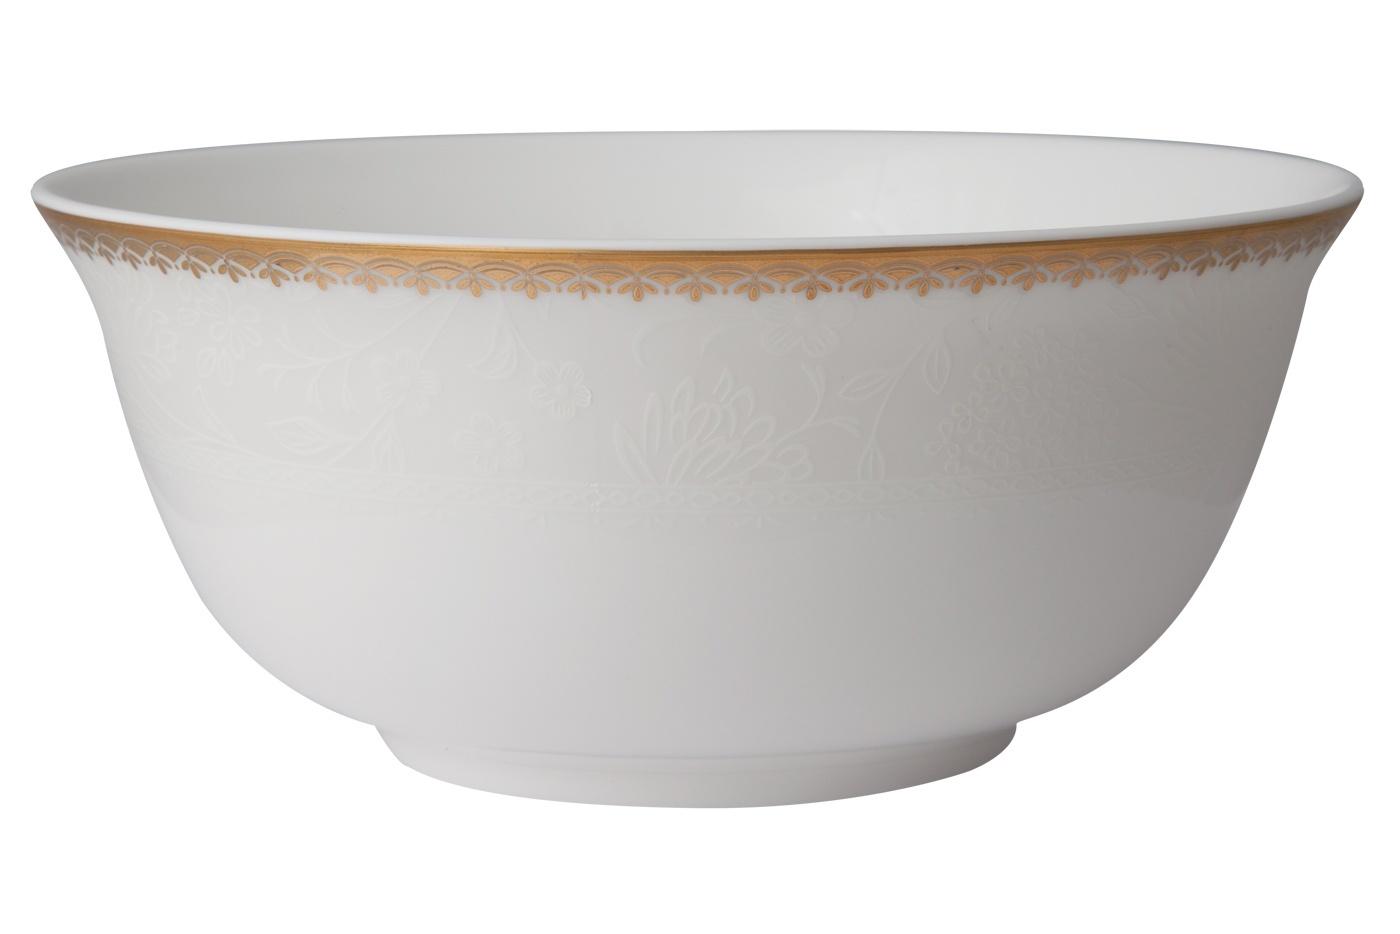 Набор из 6 салатников Royal Aurel Флора (15см) арт.838Салатники<br>Набор из 6 салатников Royal Aurel Флора (15см) арт.838<br>Производить посуду из фарфора начали в Китае на стыке 6-7 веков. Неустанно совершенствуя и селективно отбирая сырье для производства посуды из фарфора, мастерам удалось добиться выдающихся характеристик фарфора: белизны и тонкостенности. В XV веке появился особый интерес к китайской фарфоровой посуде, так как в это время Европе возникла мода на самобытные китайские вещи. Роскошный китайский фарфор являлся изыском и был в новинку, поэтому он выступал в качестве подарка королям, а также знатным людям. Такой дорогой подарок был очень престижен и по праву являлся элитной посудой. Как известно из многочисленных исторических документов, в Европе китайские изделия из фарфора ценились практически как золото. <br>Проверка изделий из костяного фарфора на подлинность <br>По сравнению с производством других видов фарфора процесс производства изделий из настоящего костяного фарфора сложен и весьма длителен. Посуда из изящного фарфора - это элитная посуда, которая всегда ассоциируется с богатством, величием и благородством. Несмотря на небольшую толщину, фарфоровая посуда - это очень прочное изделие. Для демонстрации плотности и прочности фарфора можно легко коснуться предметов посуды из фарфора деревянной палочкой, и тогда мы услушим характерный металлический звон. В составе фарфоровой посуды присутствует костяная зола, благодаря чему она может быть намного тоньше (не более 2,5 мм) и легче твердого или мягкого фарфора. Безупречная белизна - ключевой признак отличия такого фарфора от других. Цвет обычного фарфора сероватый или ближе к голубоватому, а костяной фарфор будет всегда будет молочно-белого цвета. Характерная и немаловажная деталь - это невесомая прозрачность изделий из фарфора такая, что сквозь него проходит свет.<br>